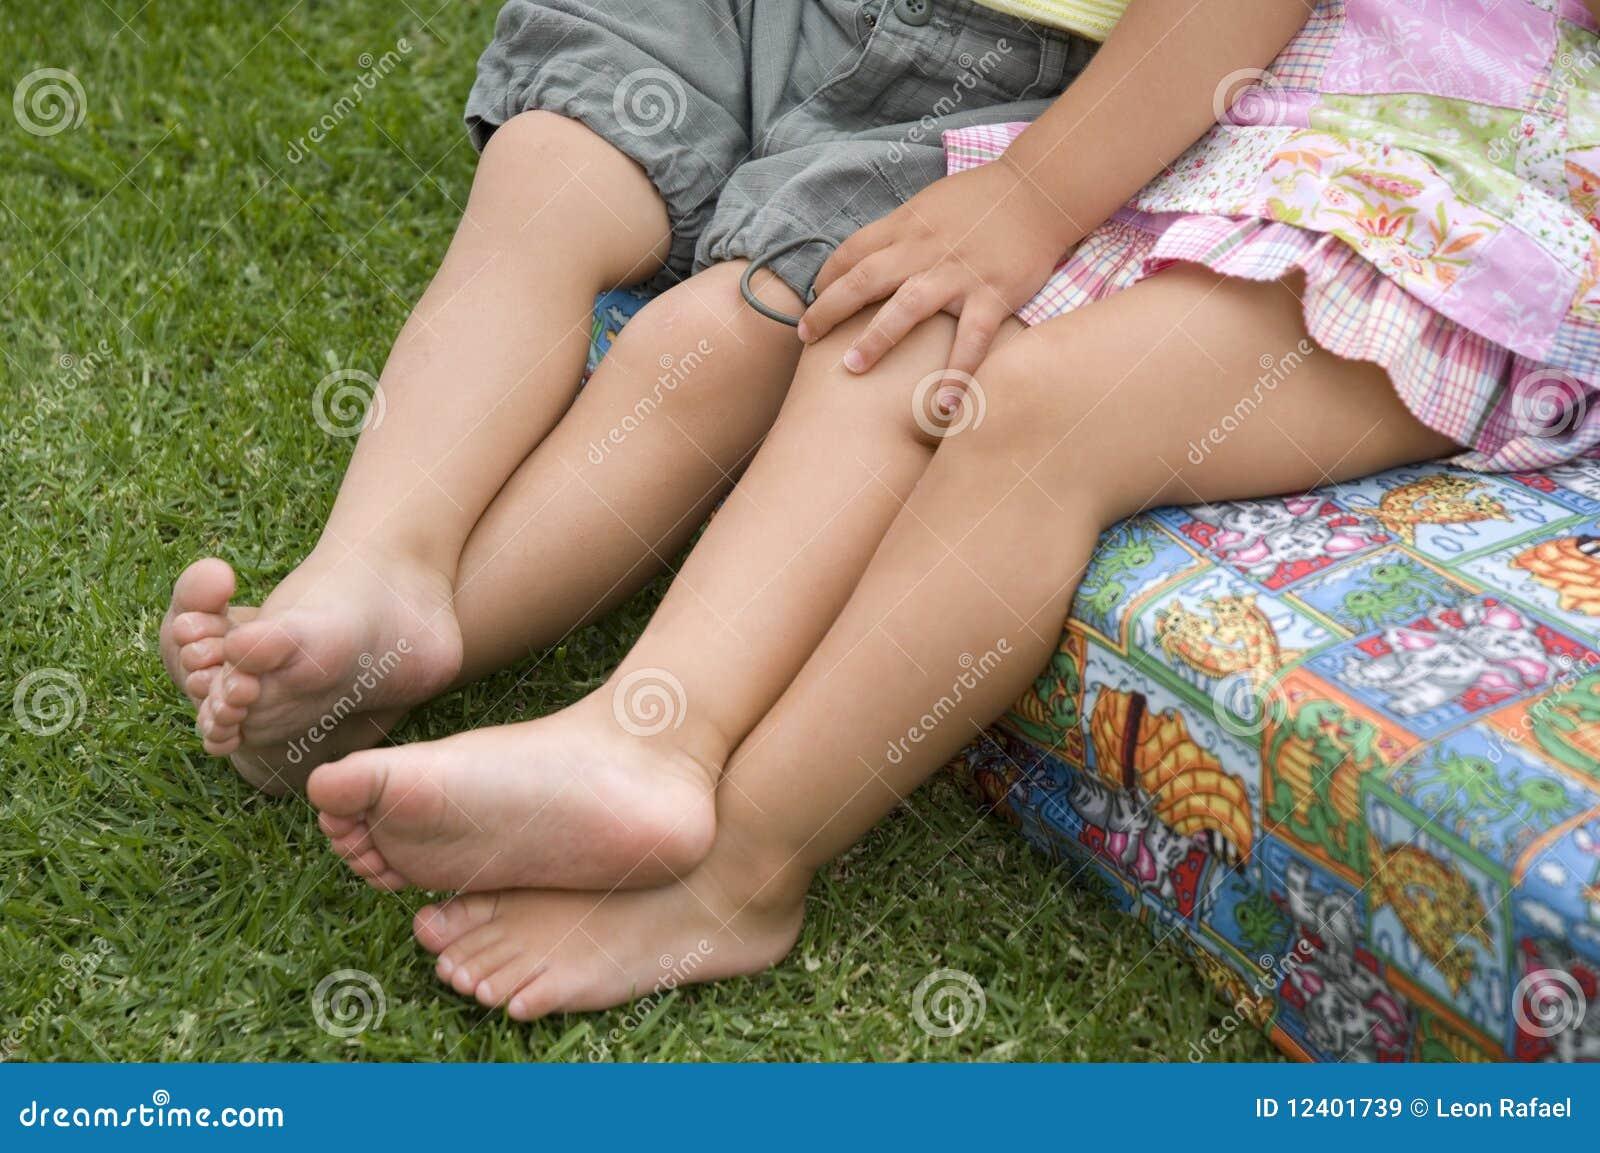 Girl Kids Feet Kids Feet Forum